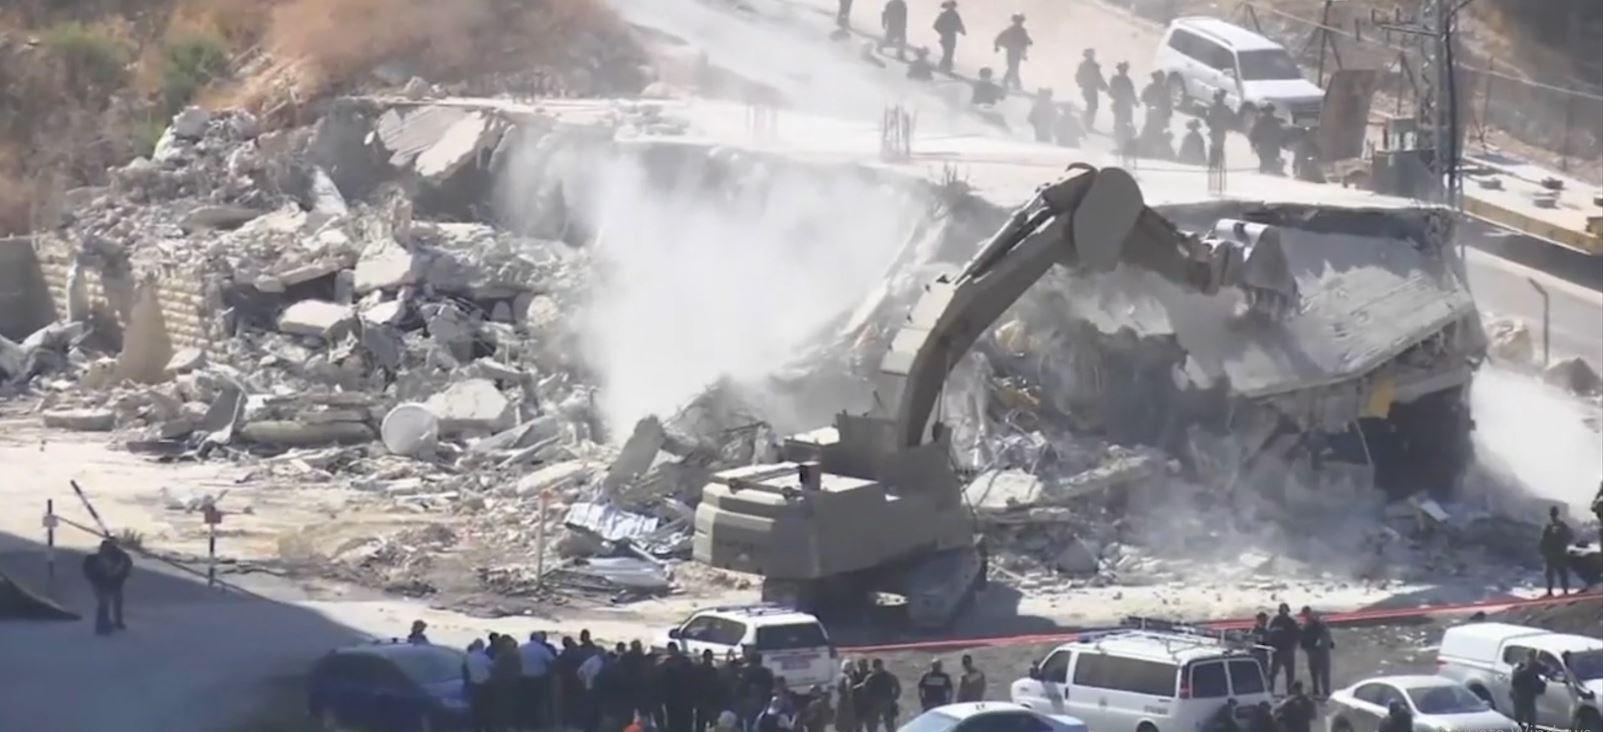 Izraeli shemb banesat e palestinezëve, reagon OKB: Ndaloni çdo gjë menjëherë!